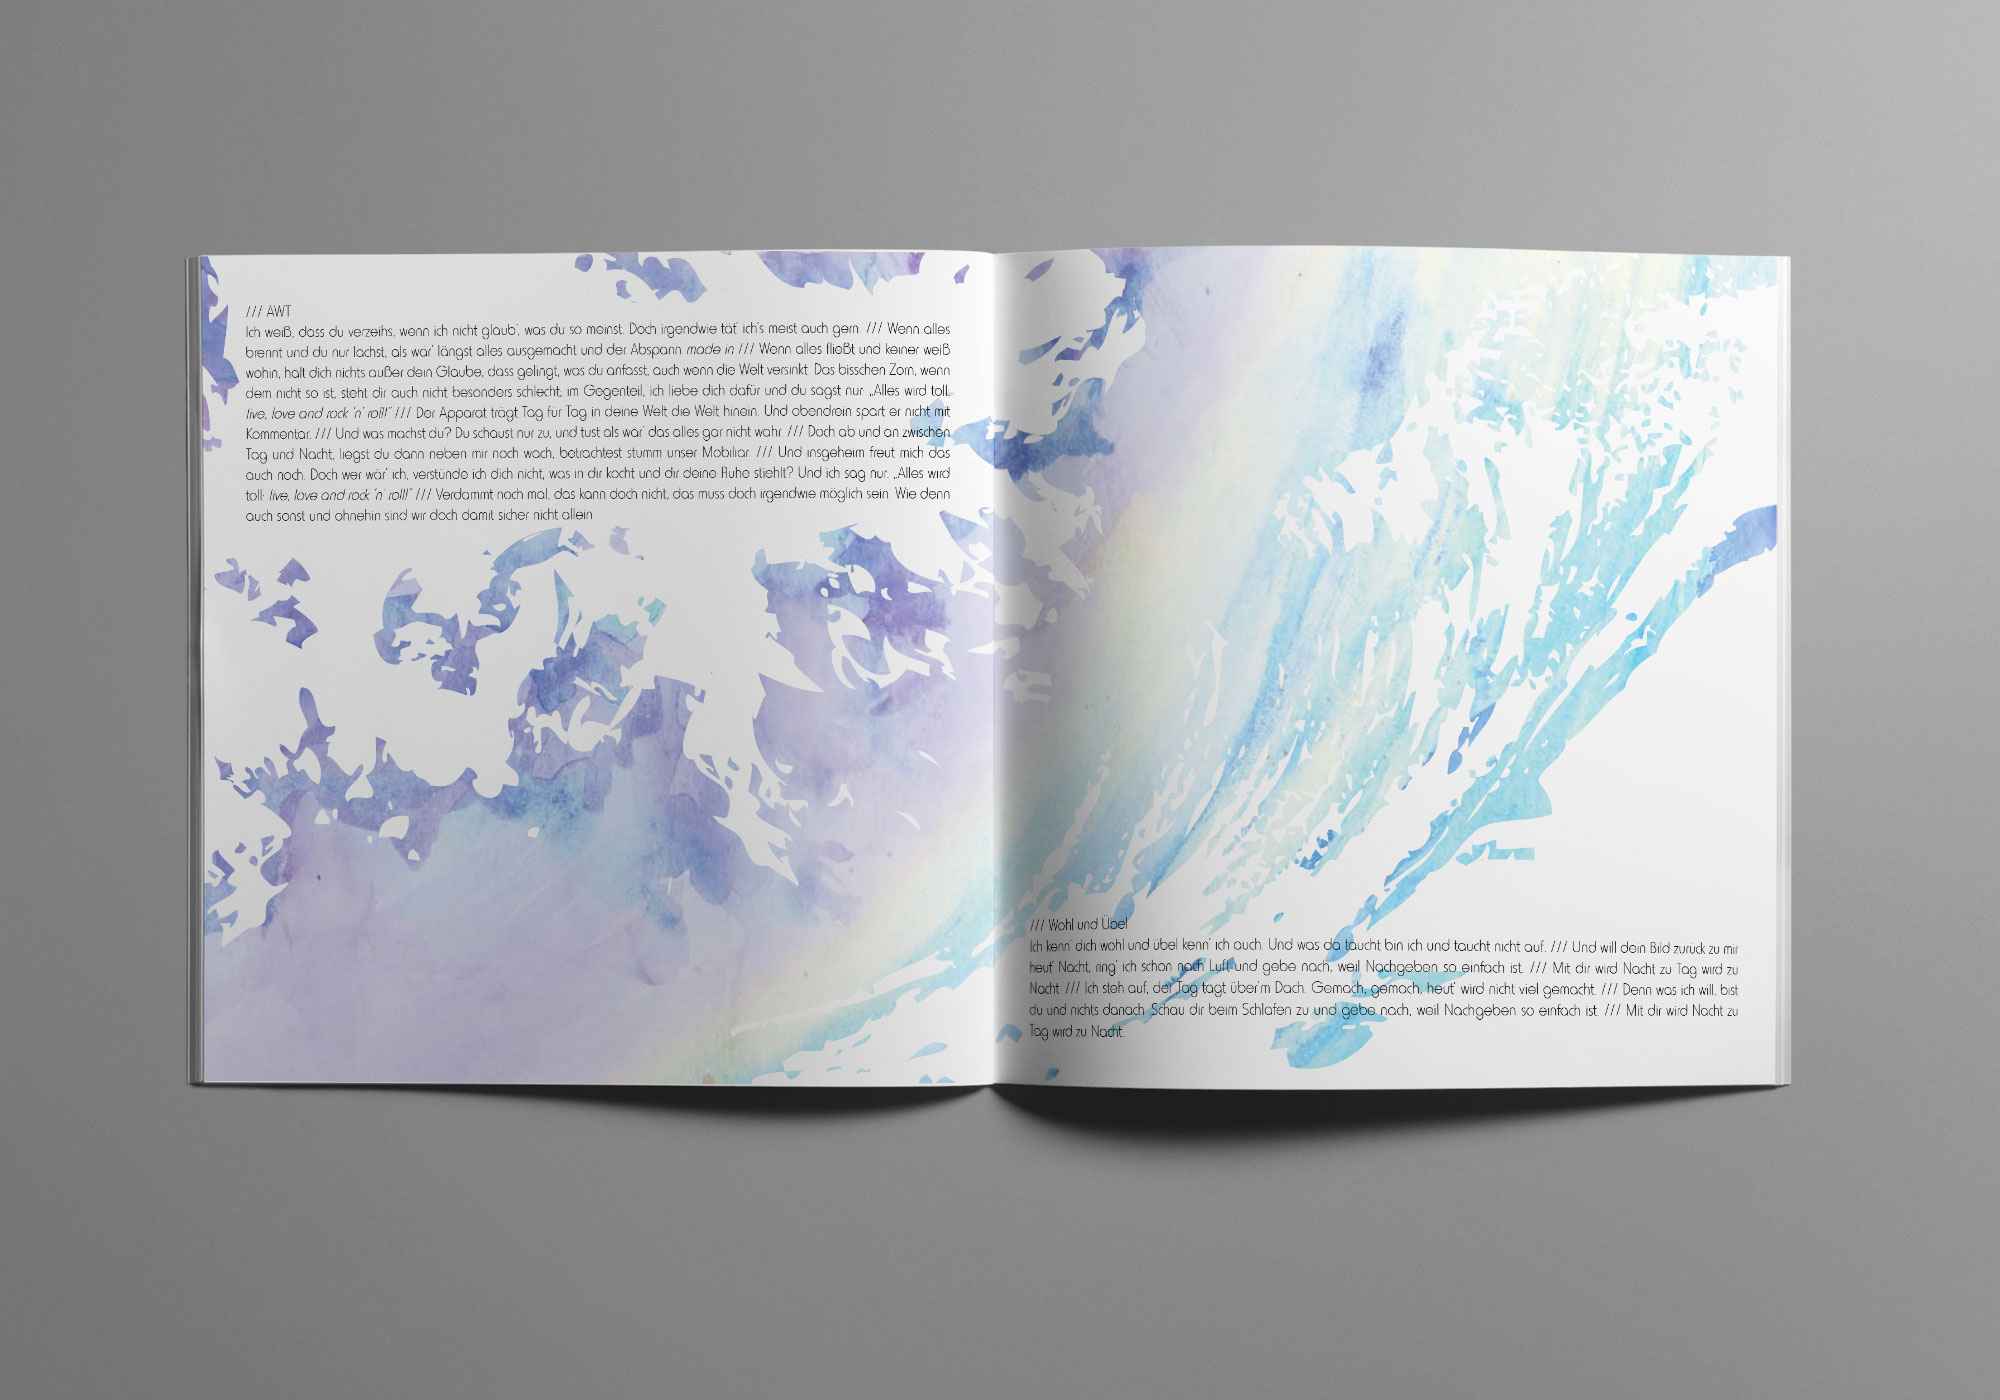 Die Doppelseite des Album Artworks zeigt Strukturen von Feuer und Wasser.